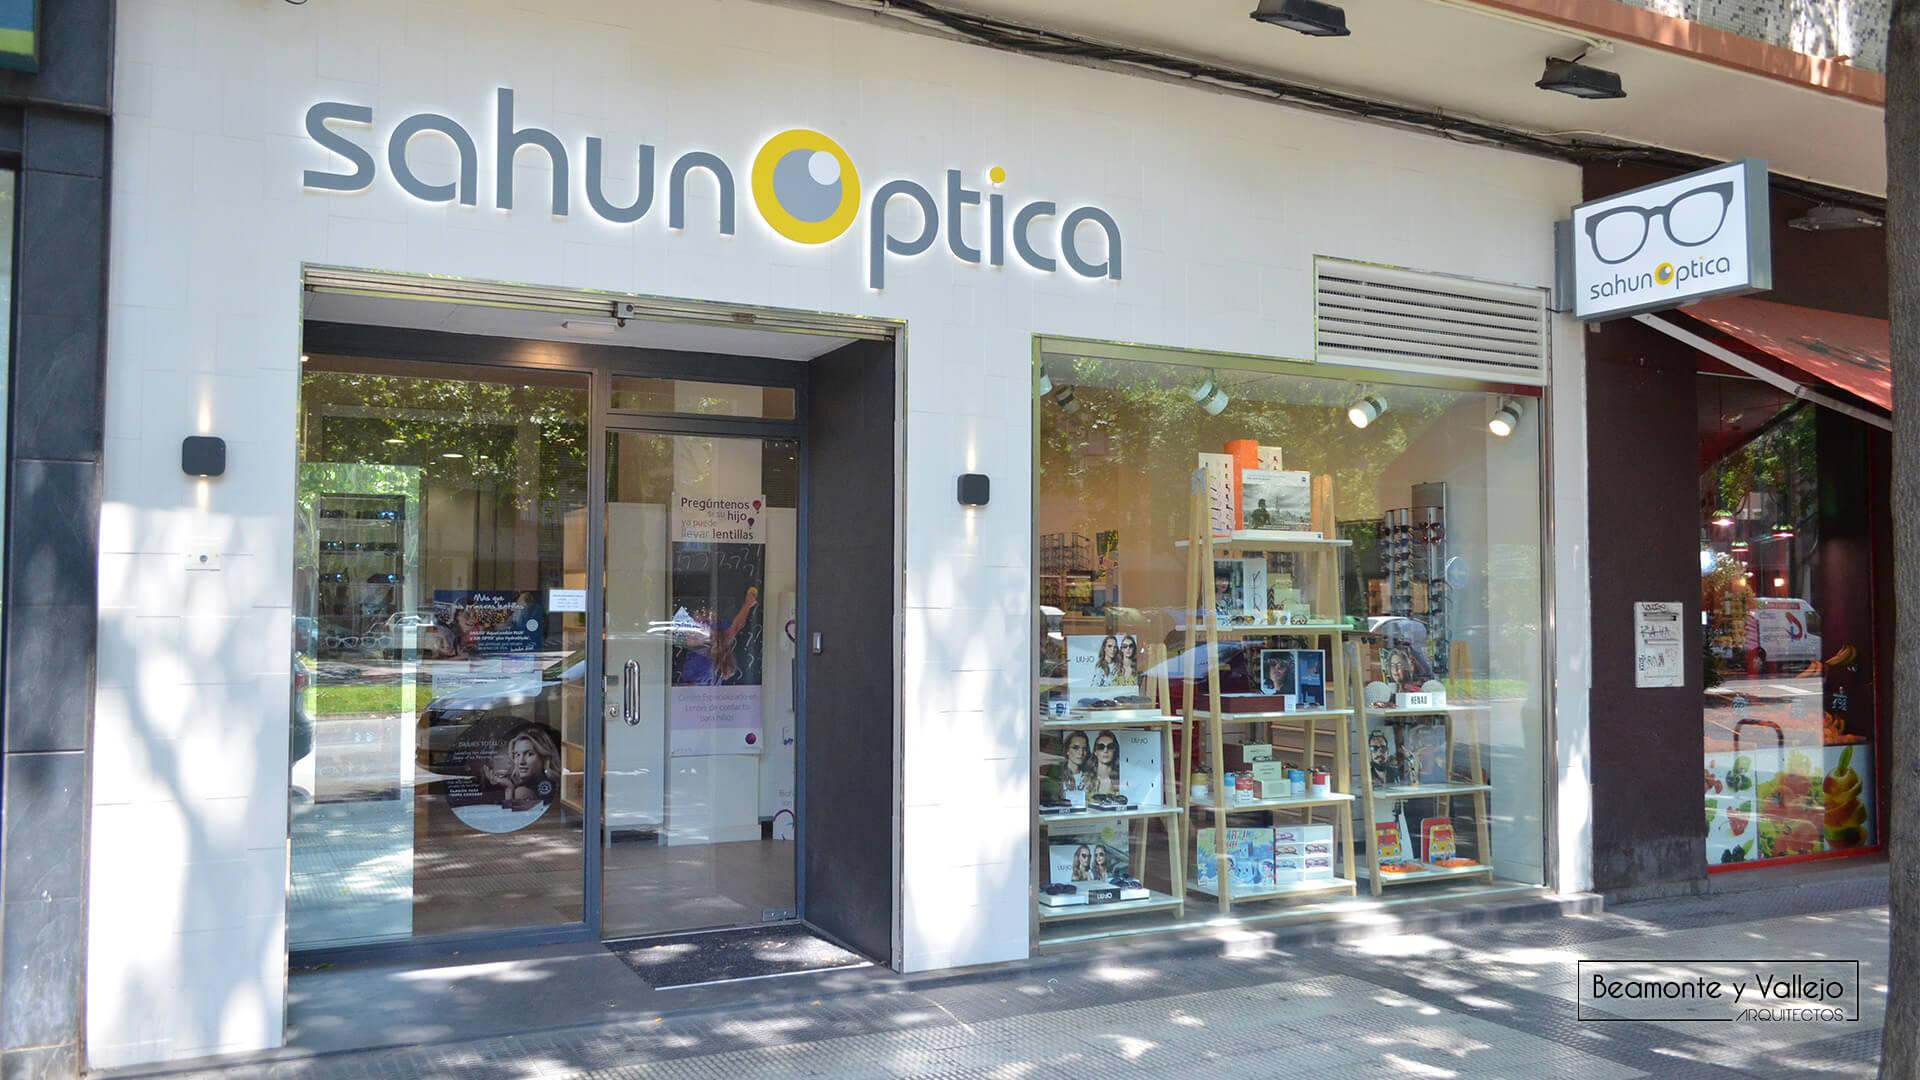 Beamonte y Vallejo arquitectos - SahunOptica, 1